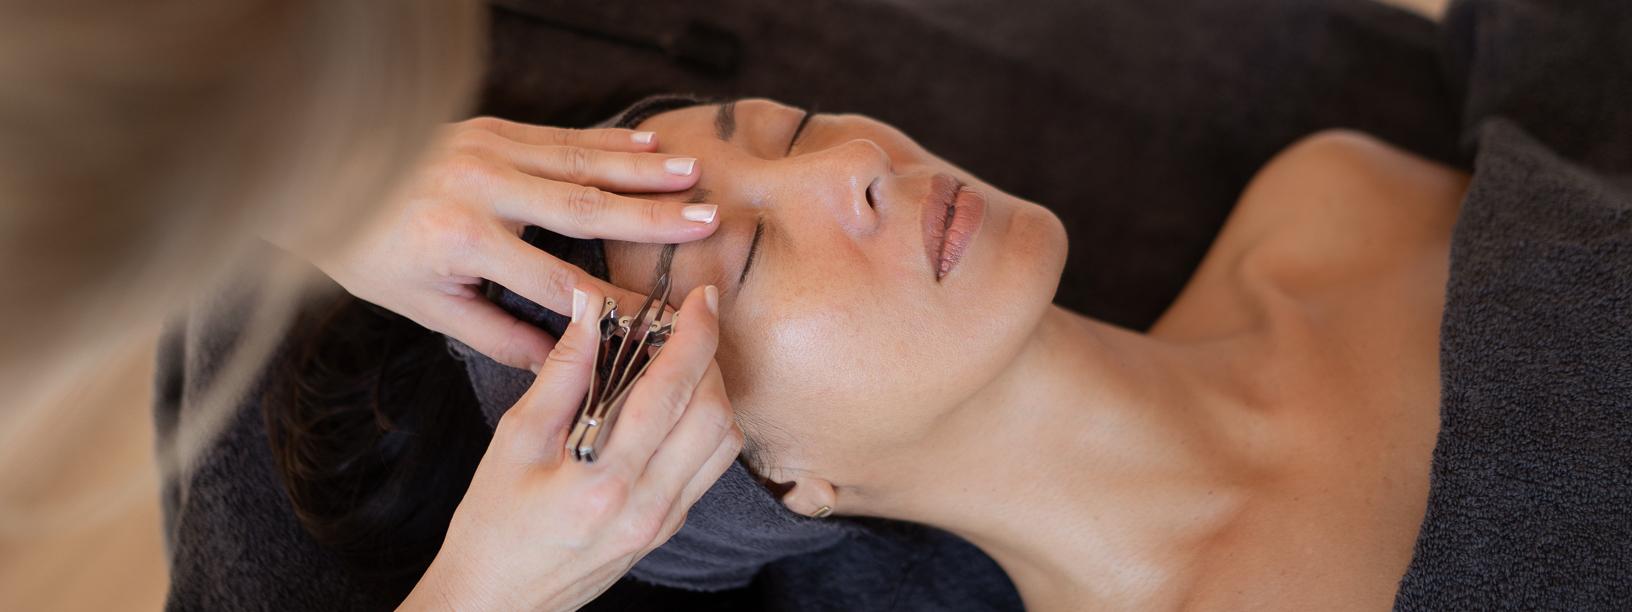 <p>Website fotografie voor Salon Sanne in Amersfoort. Over Salon Sanne Sanne Hofland, eigenaar van Salon Sanne, is gediplomeerd schoonheidsspecialiste en pedicure. Ze is lid van brancheorganisaties ProVoet en ANBOS. In haar pedicure praktijk kunnen medische en cosmetische voetbehandelingen worden verricht. Ook is ze gespecialiseerd in nagelreparaties en -correcties met gel. […]</p>